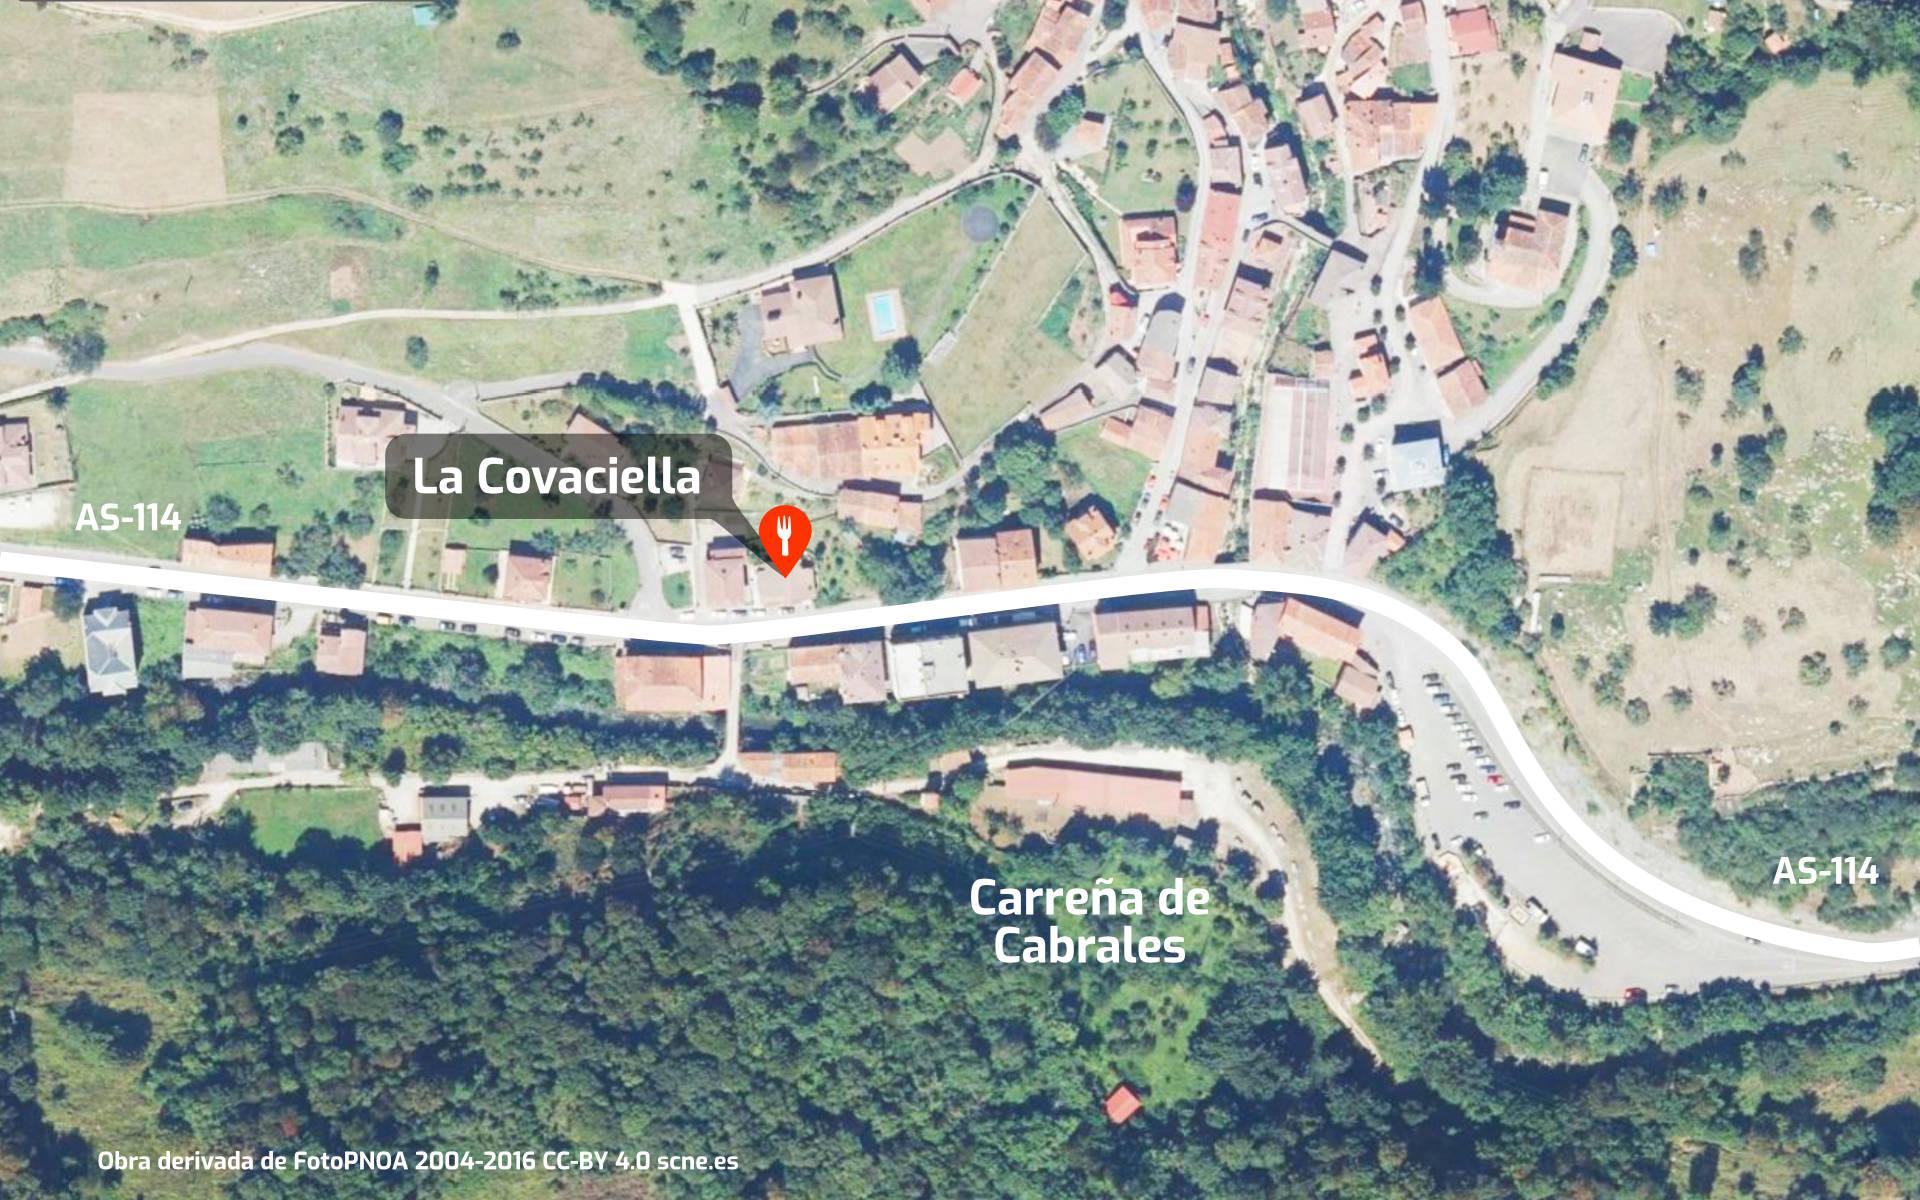 Mapa de cómo llegar al restaurante Mesón La Covaciella en Carreña de Cabrales, Asturias